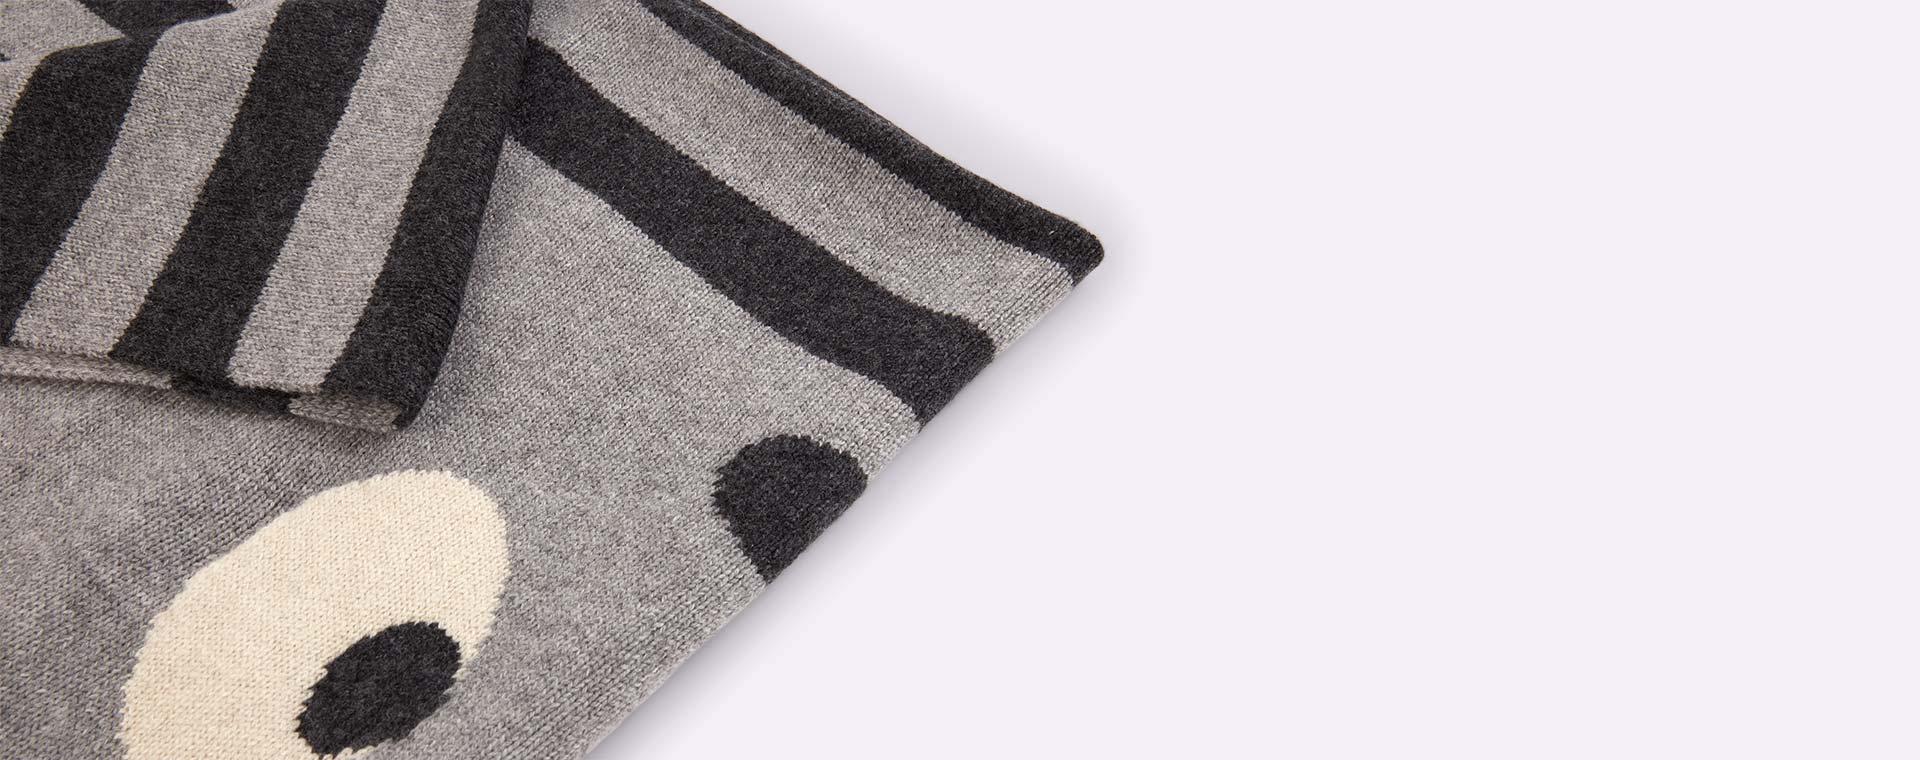 Grey The Bonnie Mob Bunny Ears Blanket